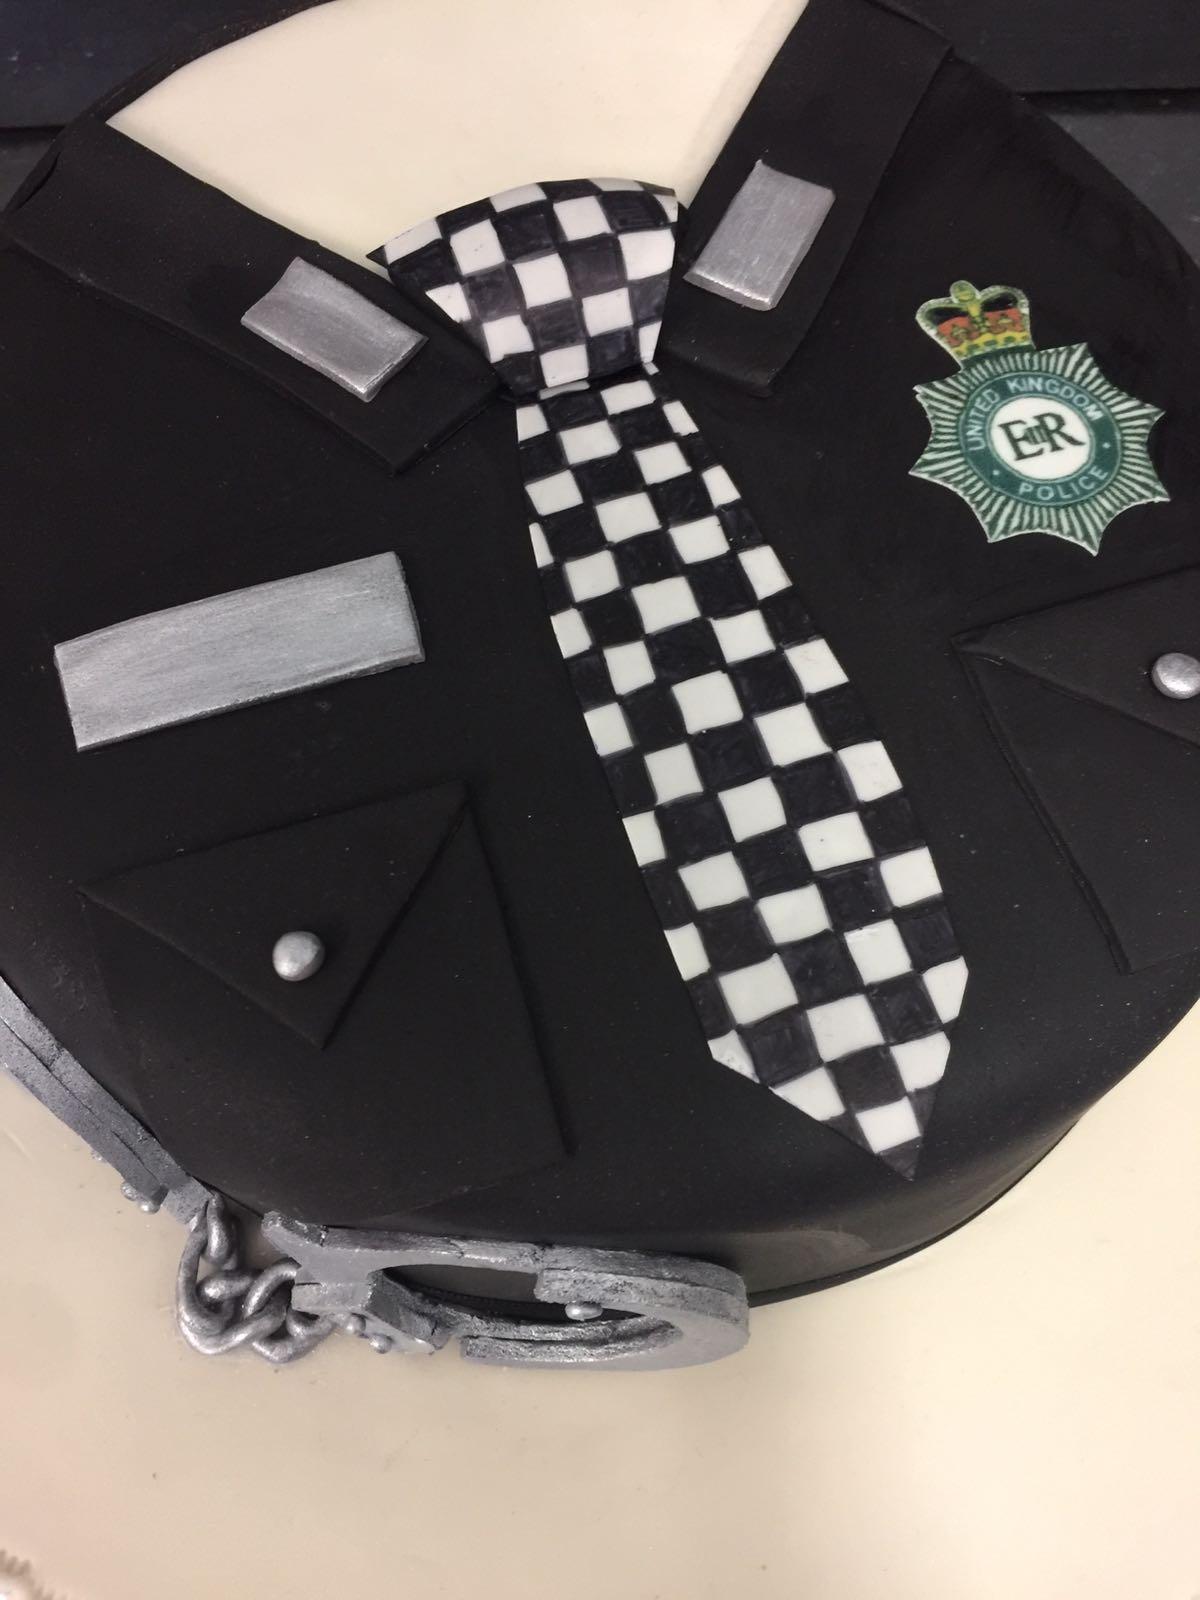 Police officer cake - Peter Herd